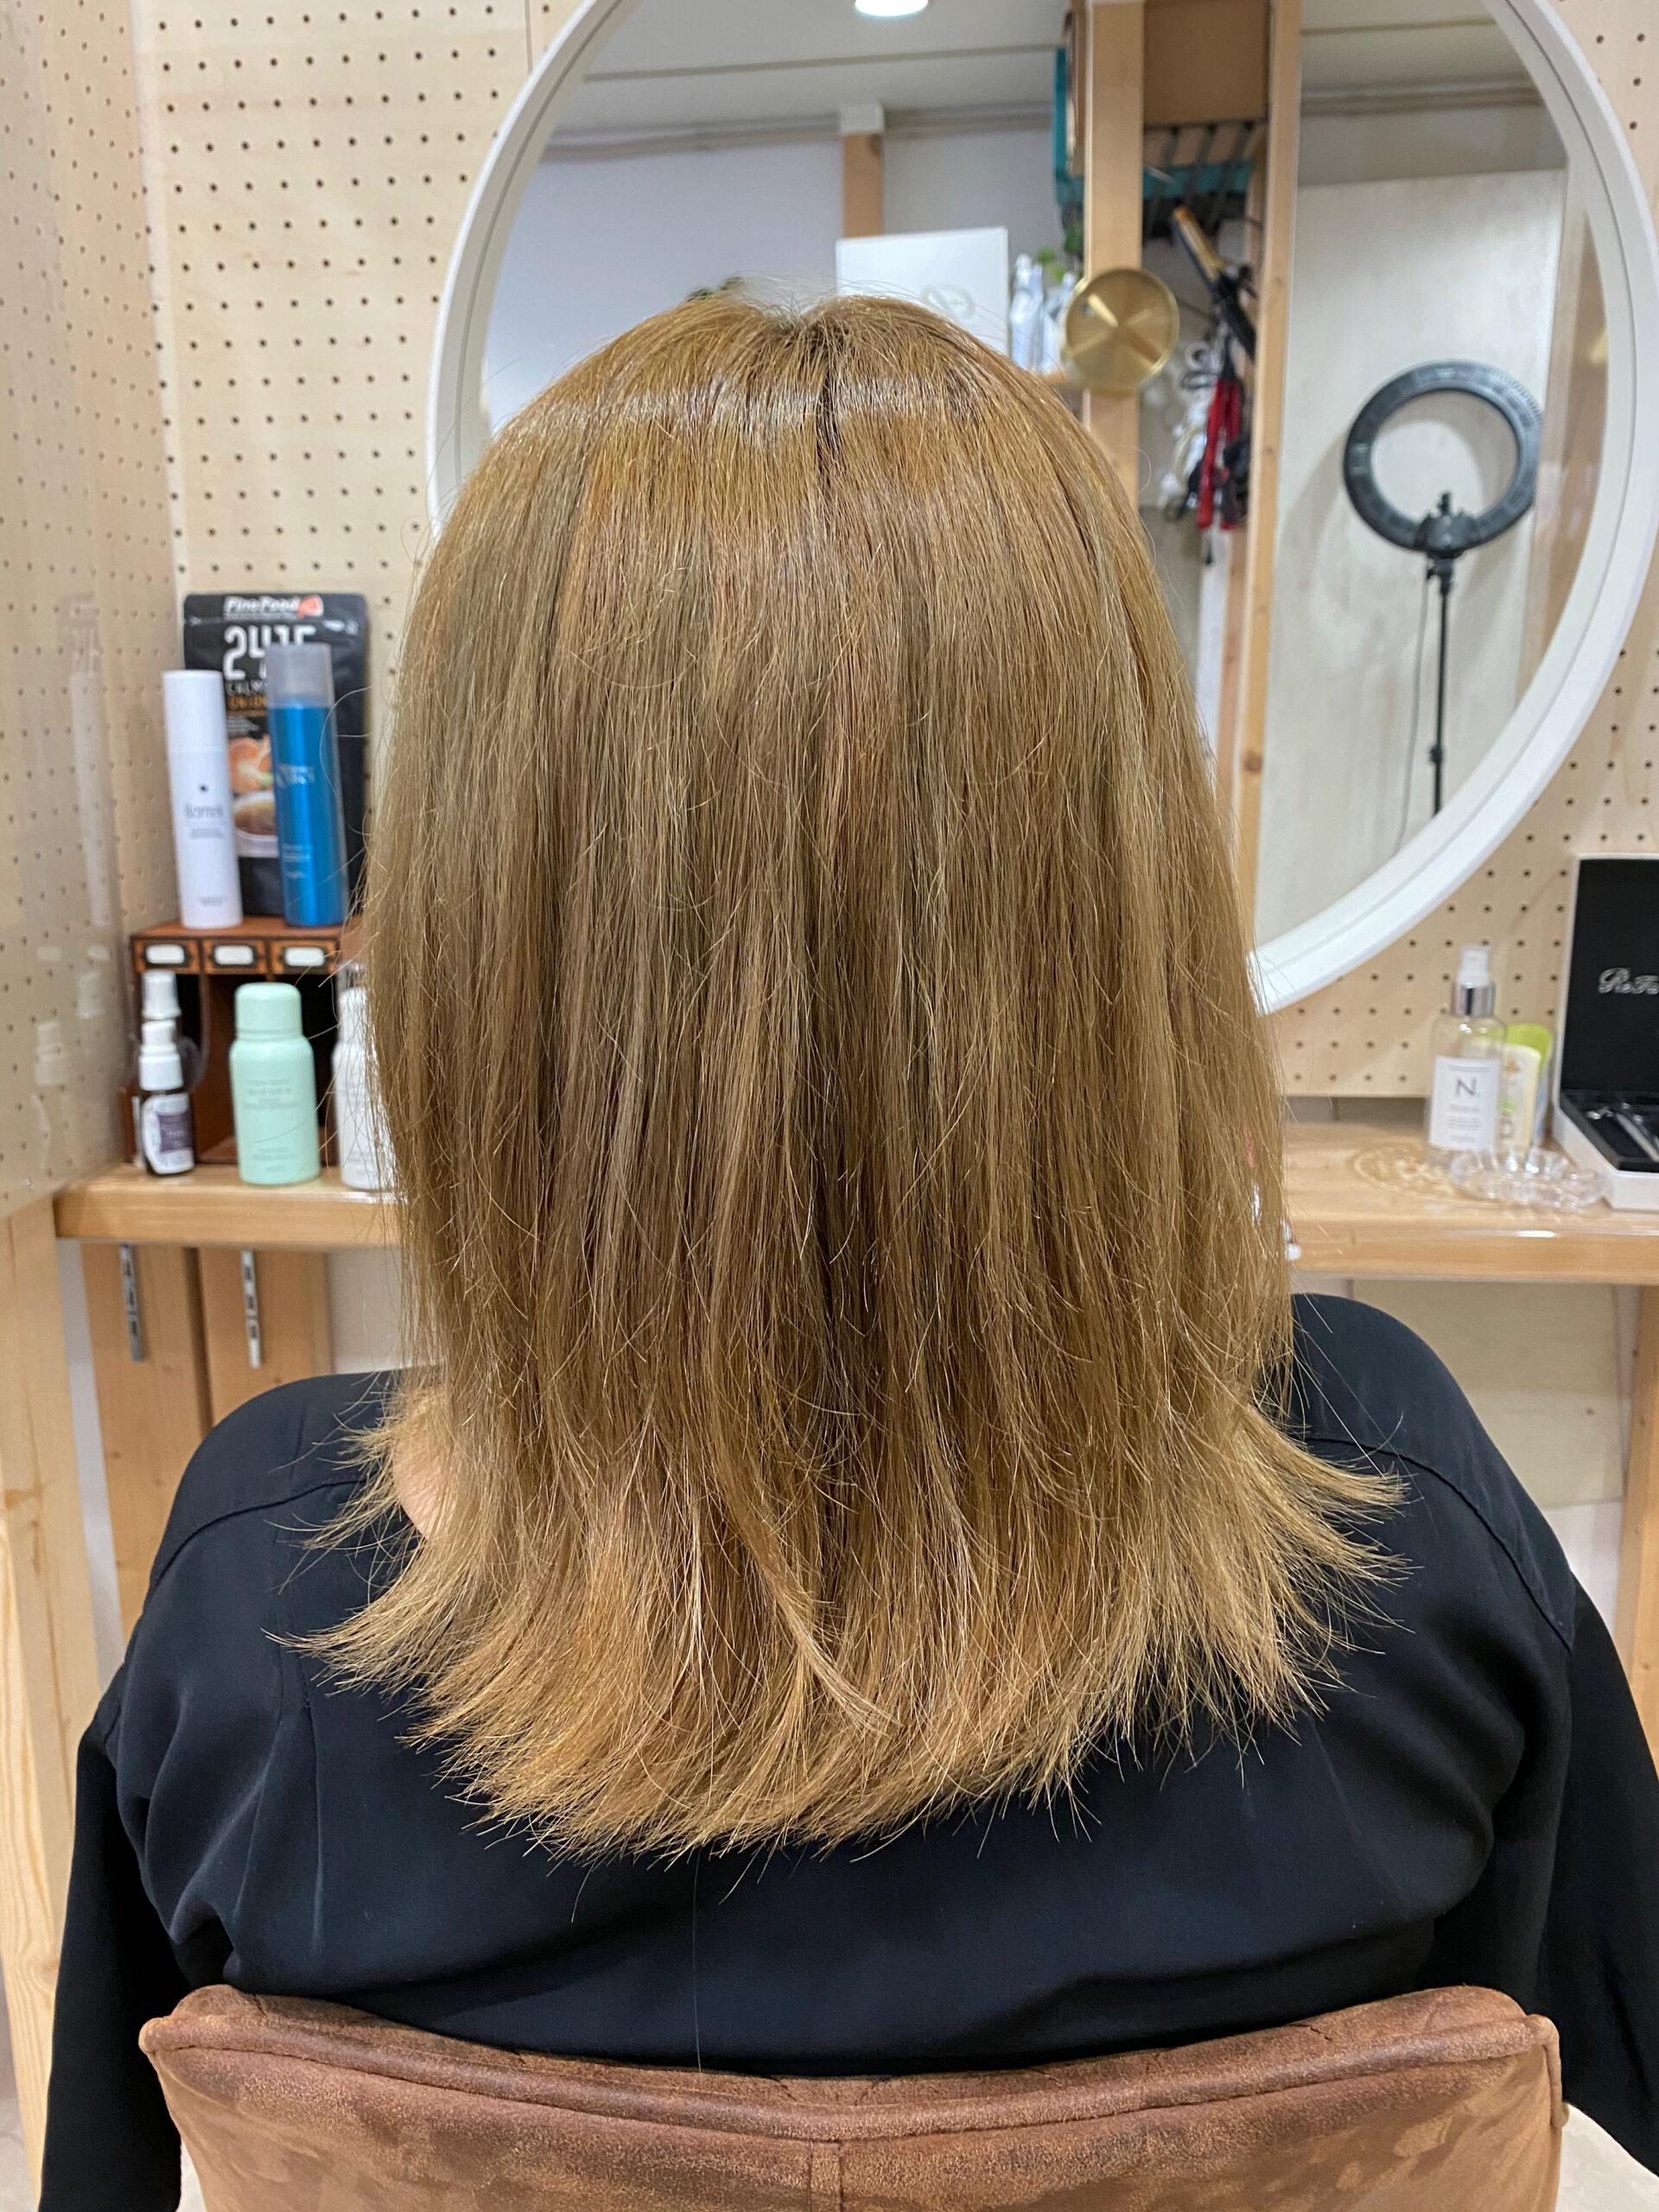 ブリーチ毛の方縮毛矯正で艶髪ストレートヘア。原宿・表参道『髪のお悩みを解決するヘアケア美容師の挑戦』